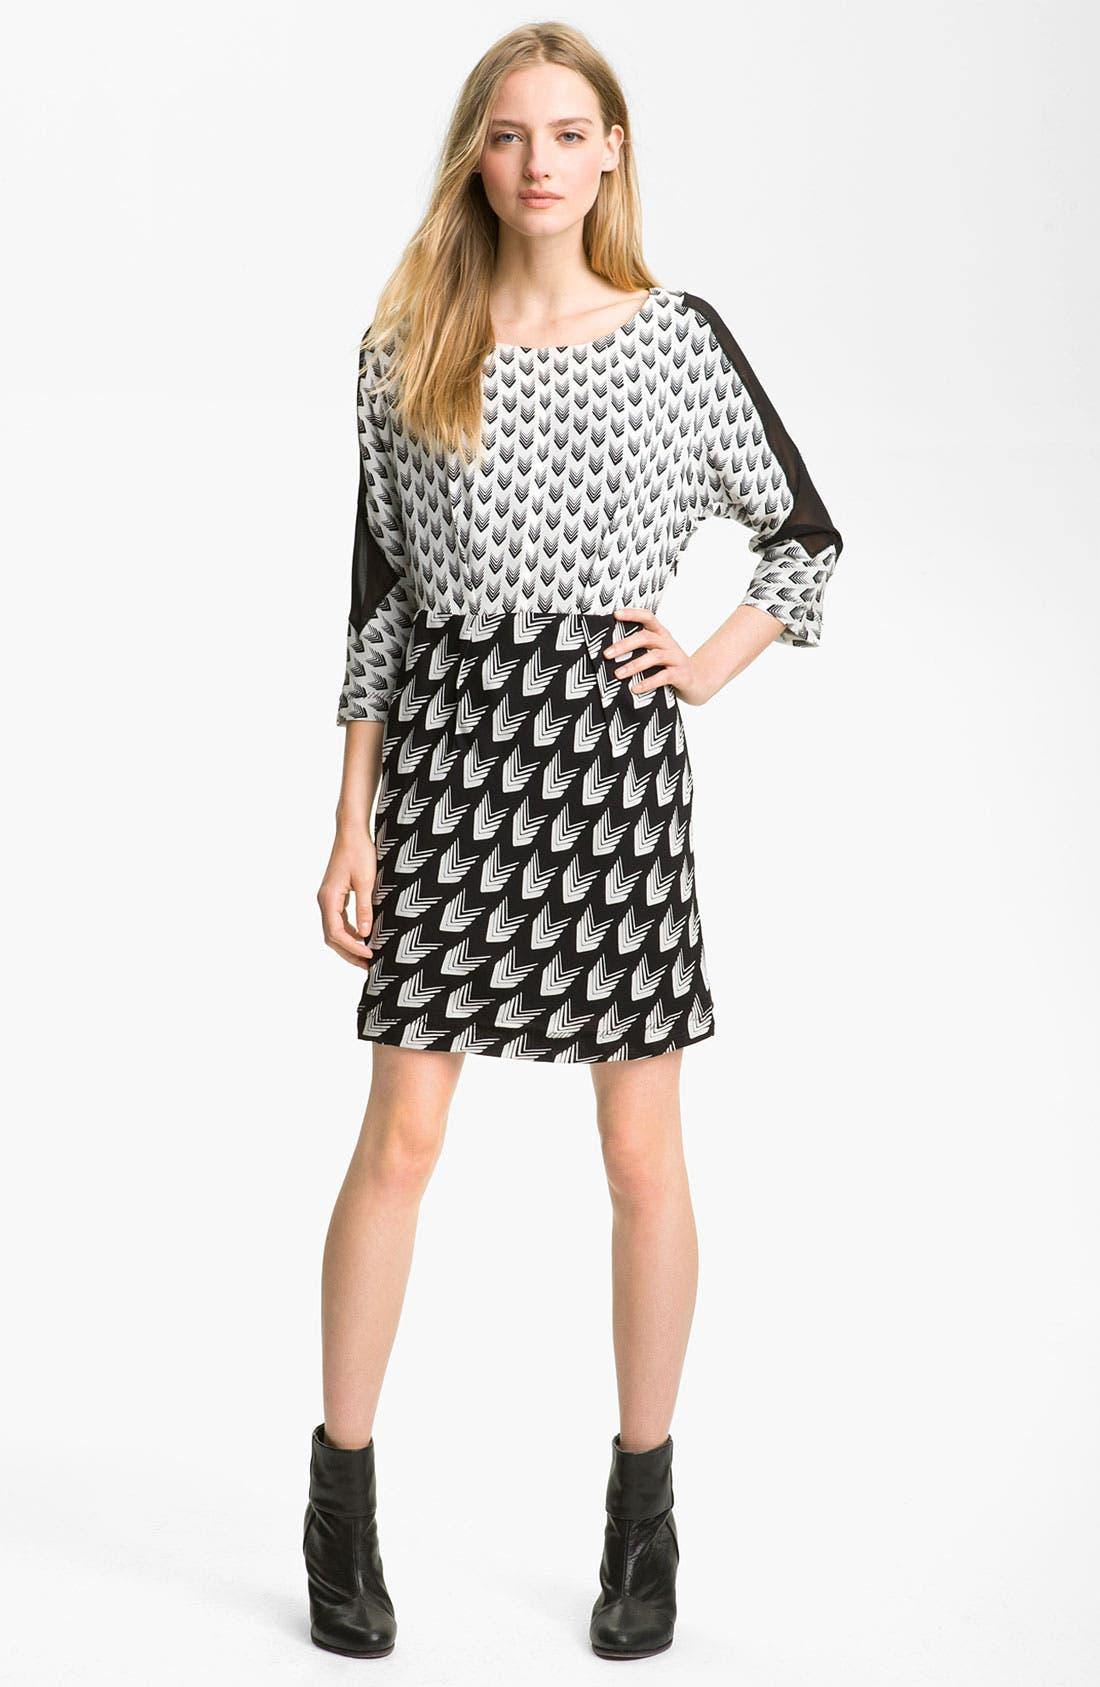 Alternate Image 1 Selected - rag & bone 'Gayatri Arrow' Print Crepe Dress